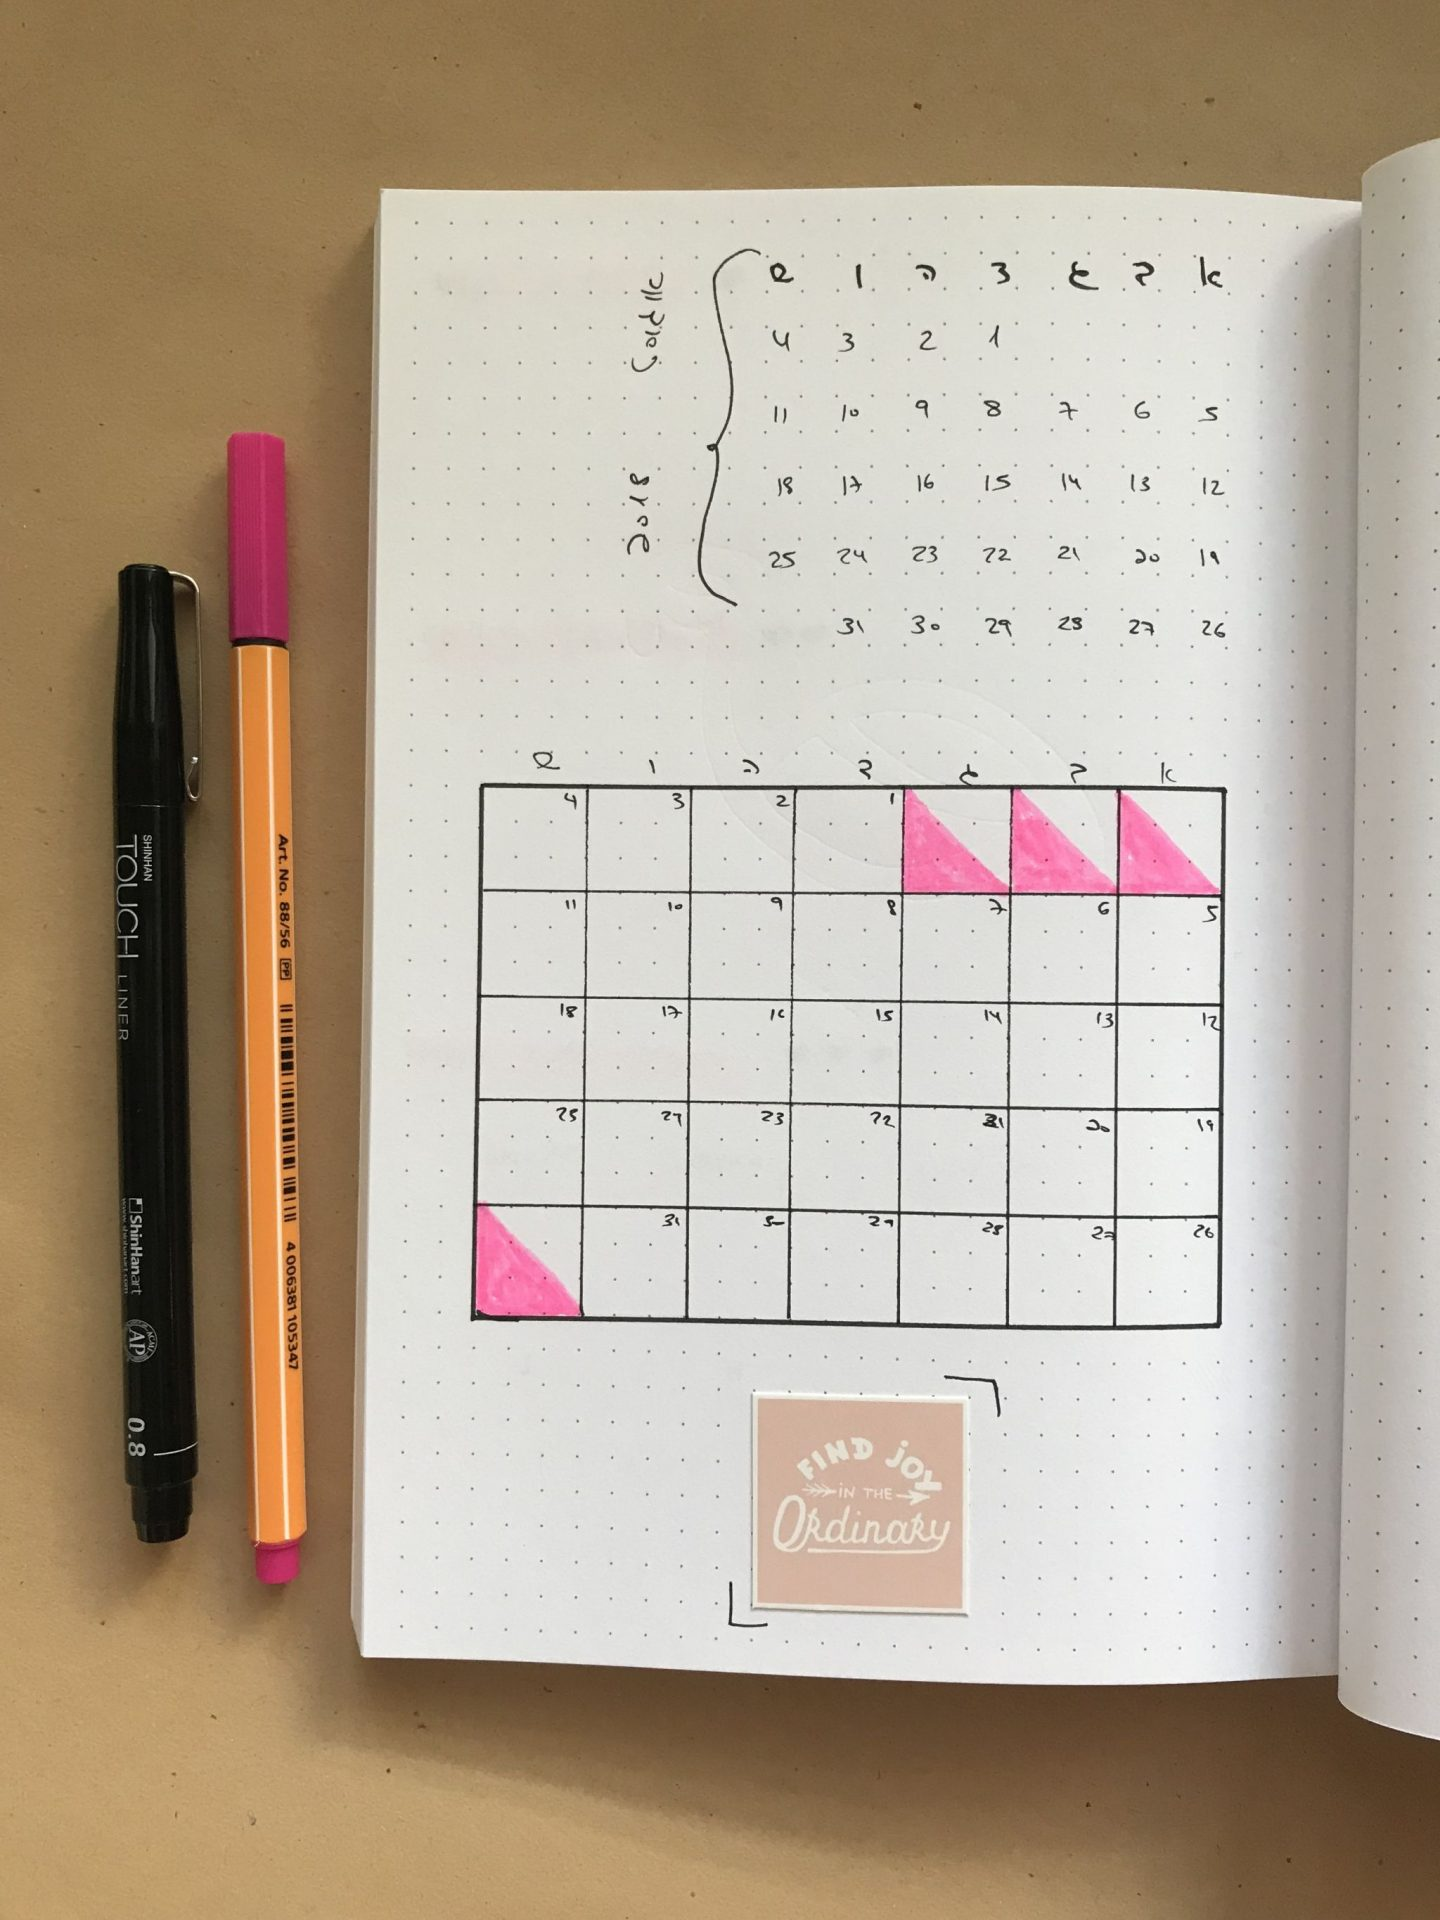 עיצוב בולט ג׳ורנל לחודש אוגוסט